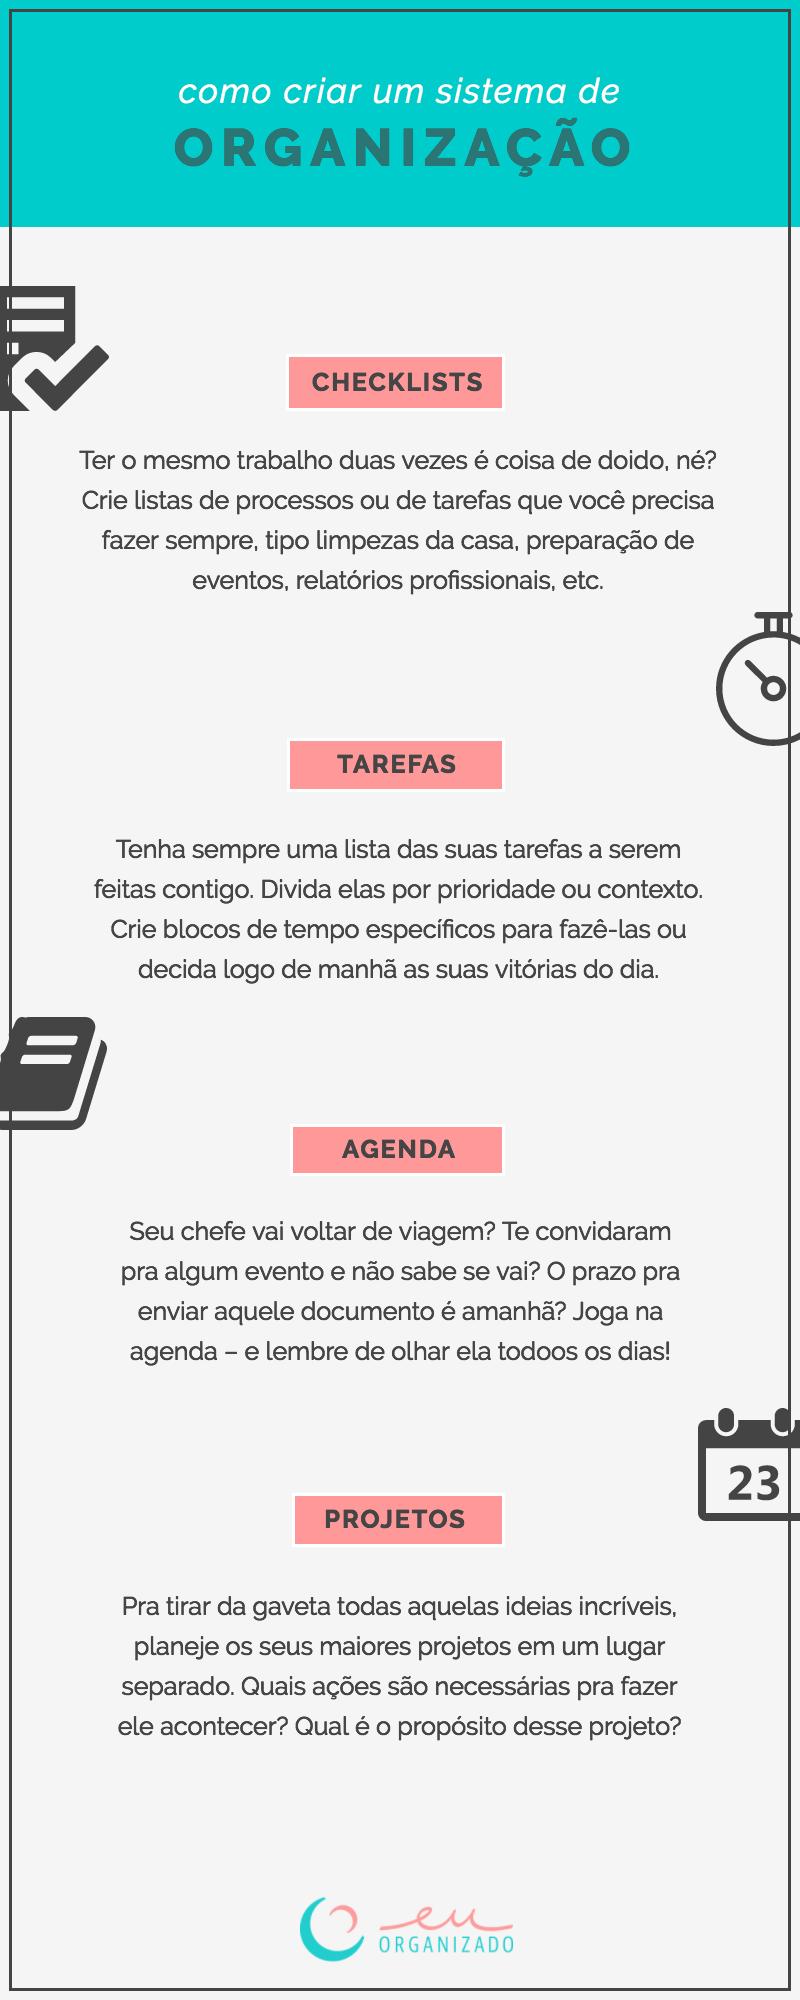 infografico_eu_organizado_organizacao